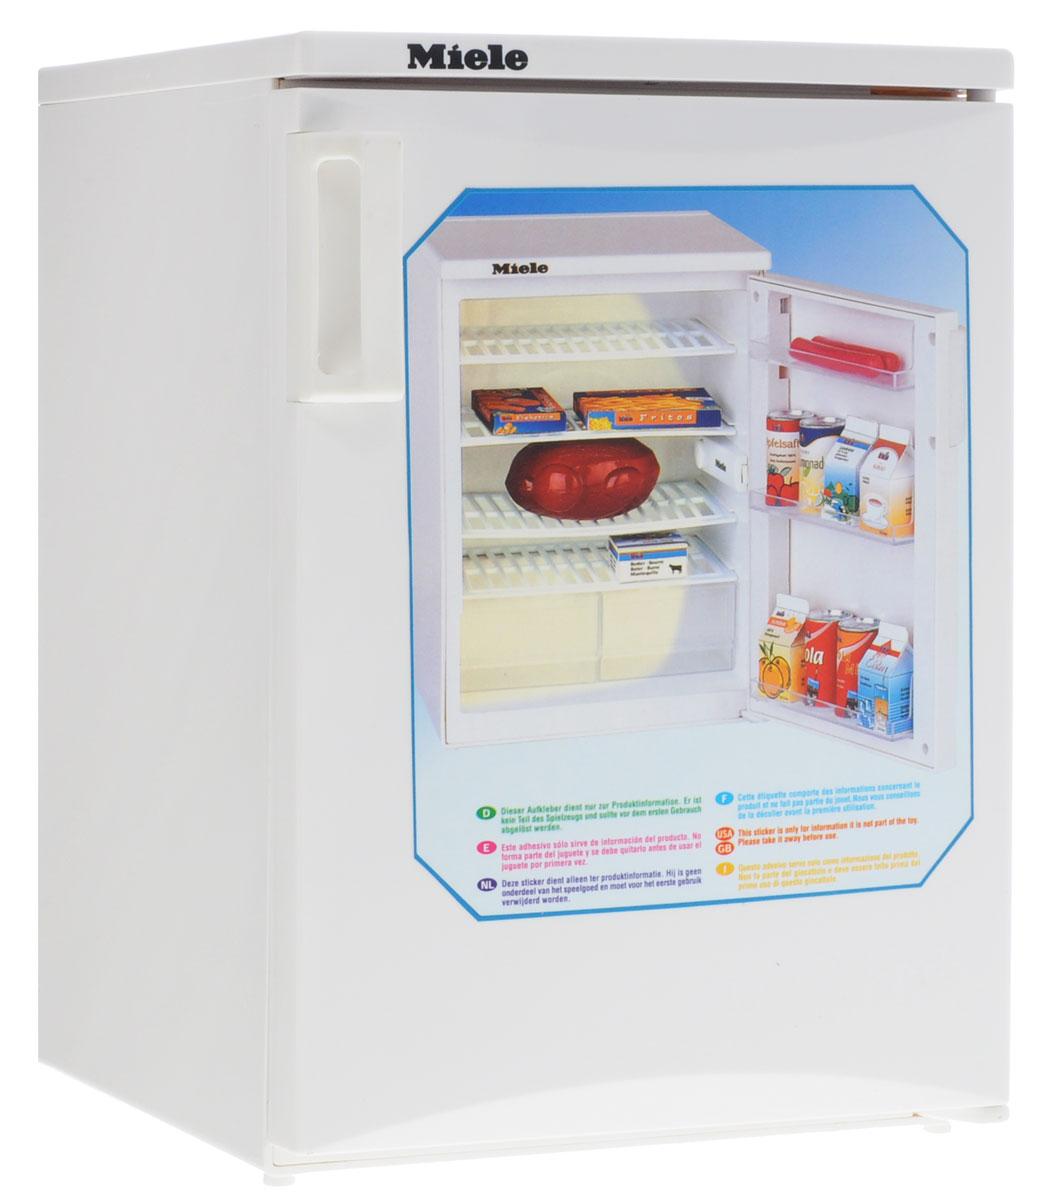 Klein Игрушечный холодильник Miele9462Игрушечный холодильник Klein Miele - точная игрушечная копия холодильника. При открывании дверцы холодильника внутри включается подсветка и начинает работать вентилятор. Внутри у холодильника 4 полки и два выдвижных ящика для продуктов, на дверце - 3 прозрачные полки. Дверца холодильника легко открывается за ручку. В комплекте игрушечные упаковки для рыбных палочек, картошки фри, масла, какао, сметаны, йогурта и апельсинового сока. Также есть баночки с лимонадом, курица гриль две сосиски. Необходимо купить 3 батарейки напряжением 1,5V типа АА (не входят в комплект).